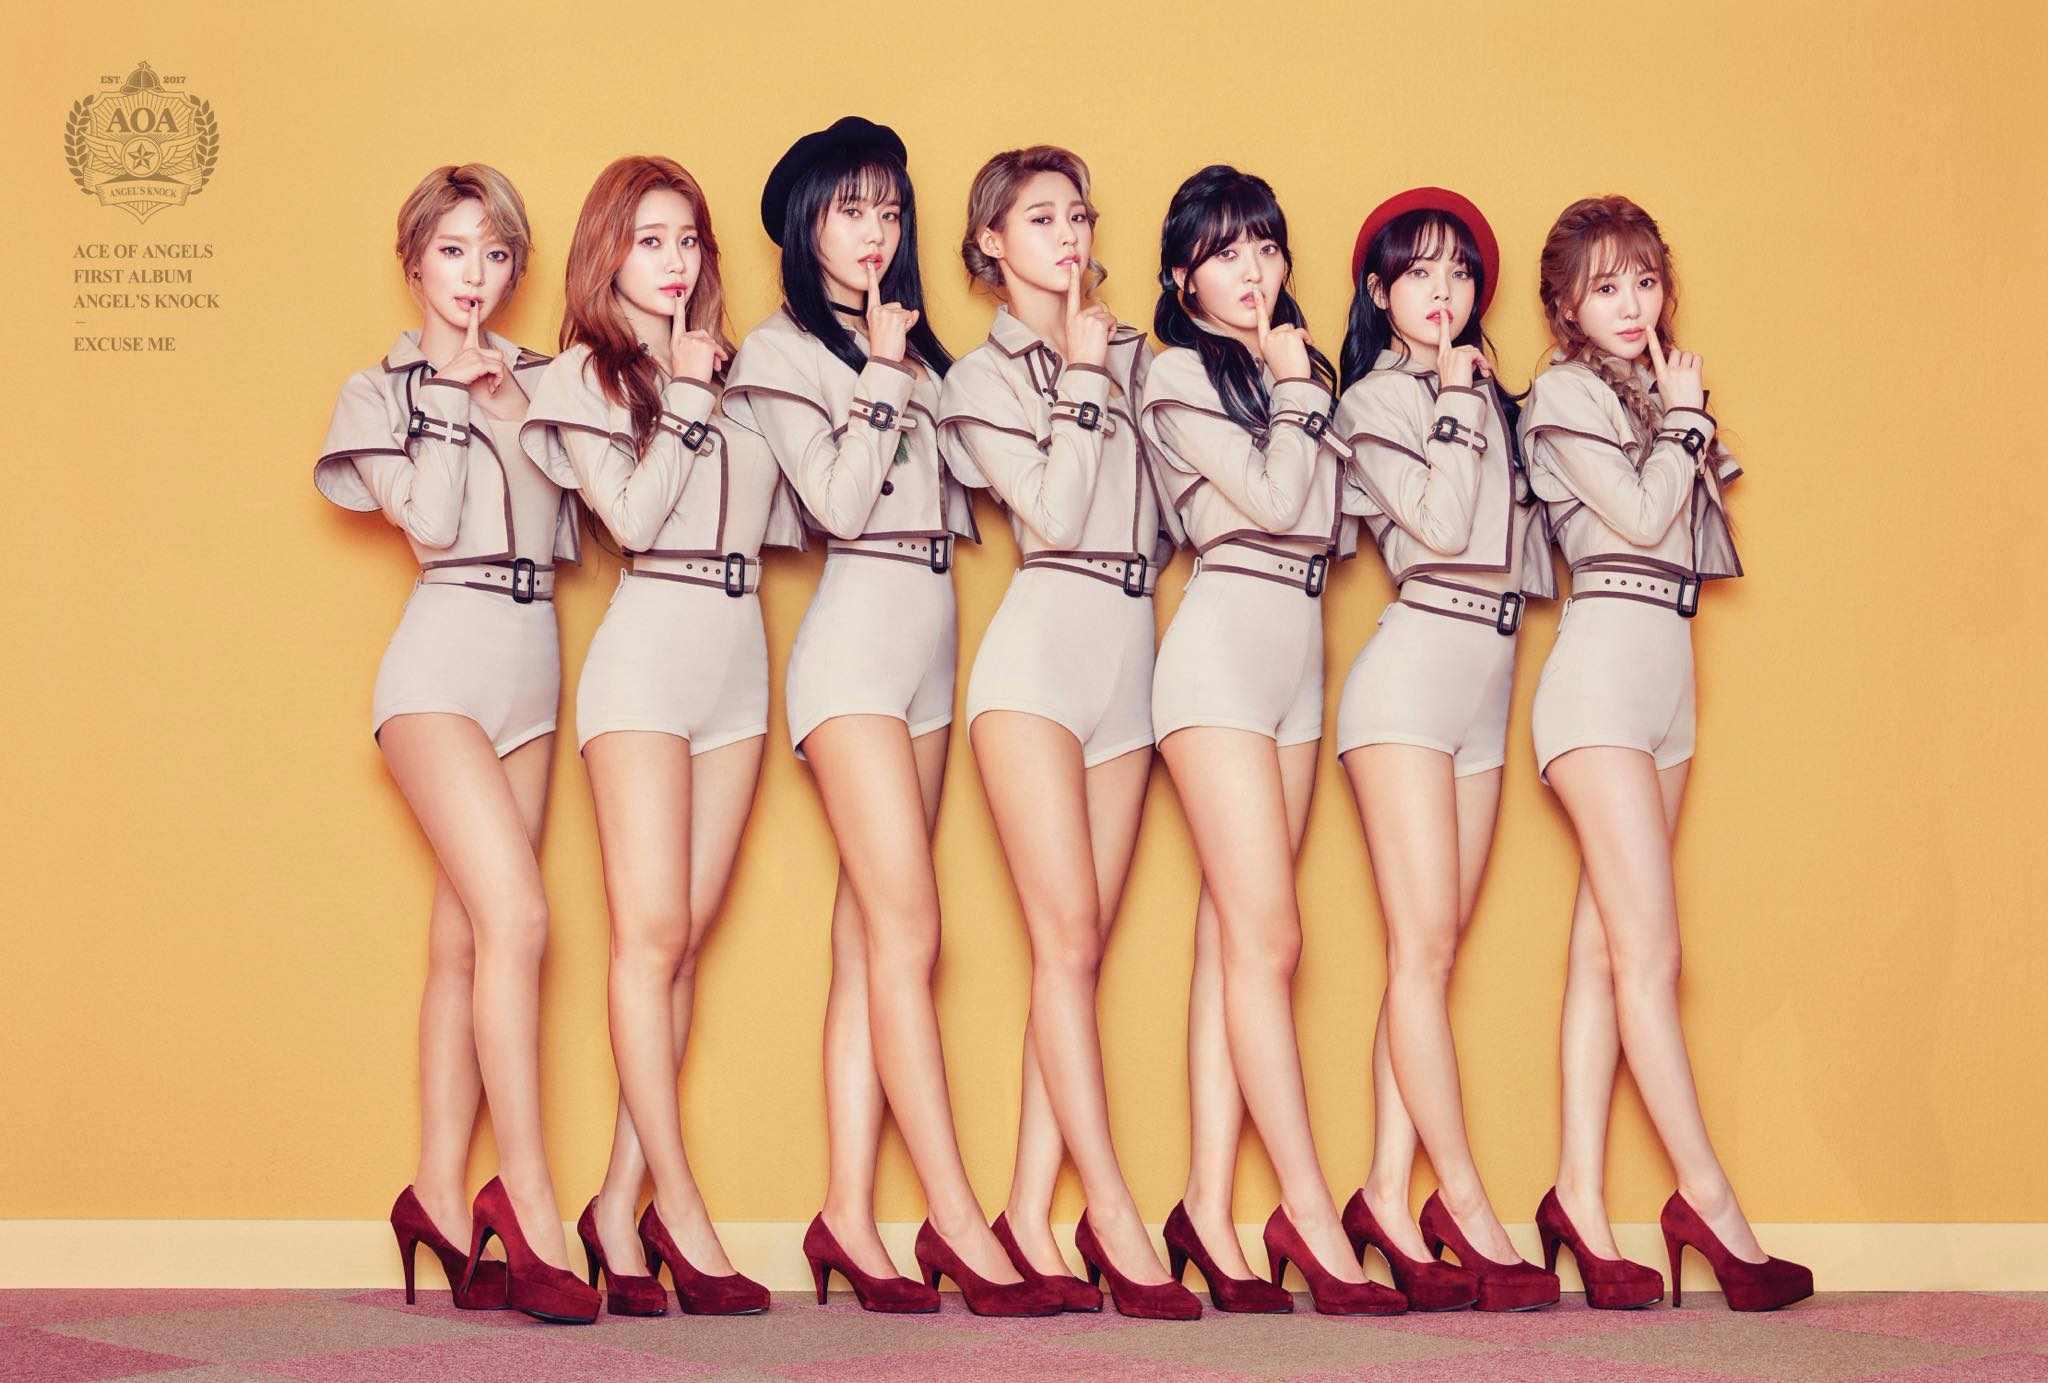 韓國女團AOA以樂團及舞團的形式出道,在2014年1月16日發行了第五張單曲專輯《短裙》以性感風格回歸,這首歌受到大眾們的喜愛也讓她們的知名度再度攀身~